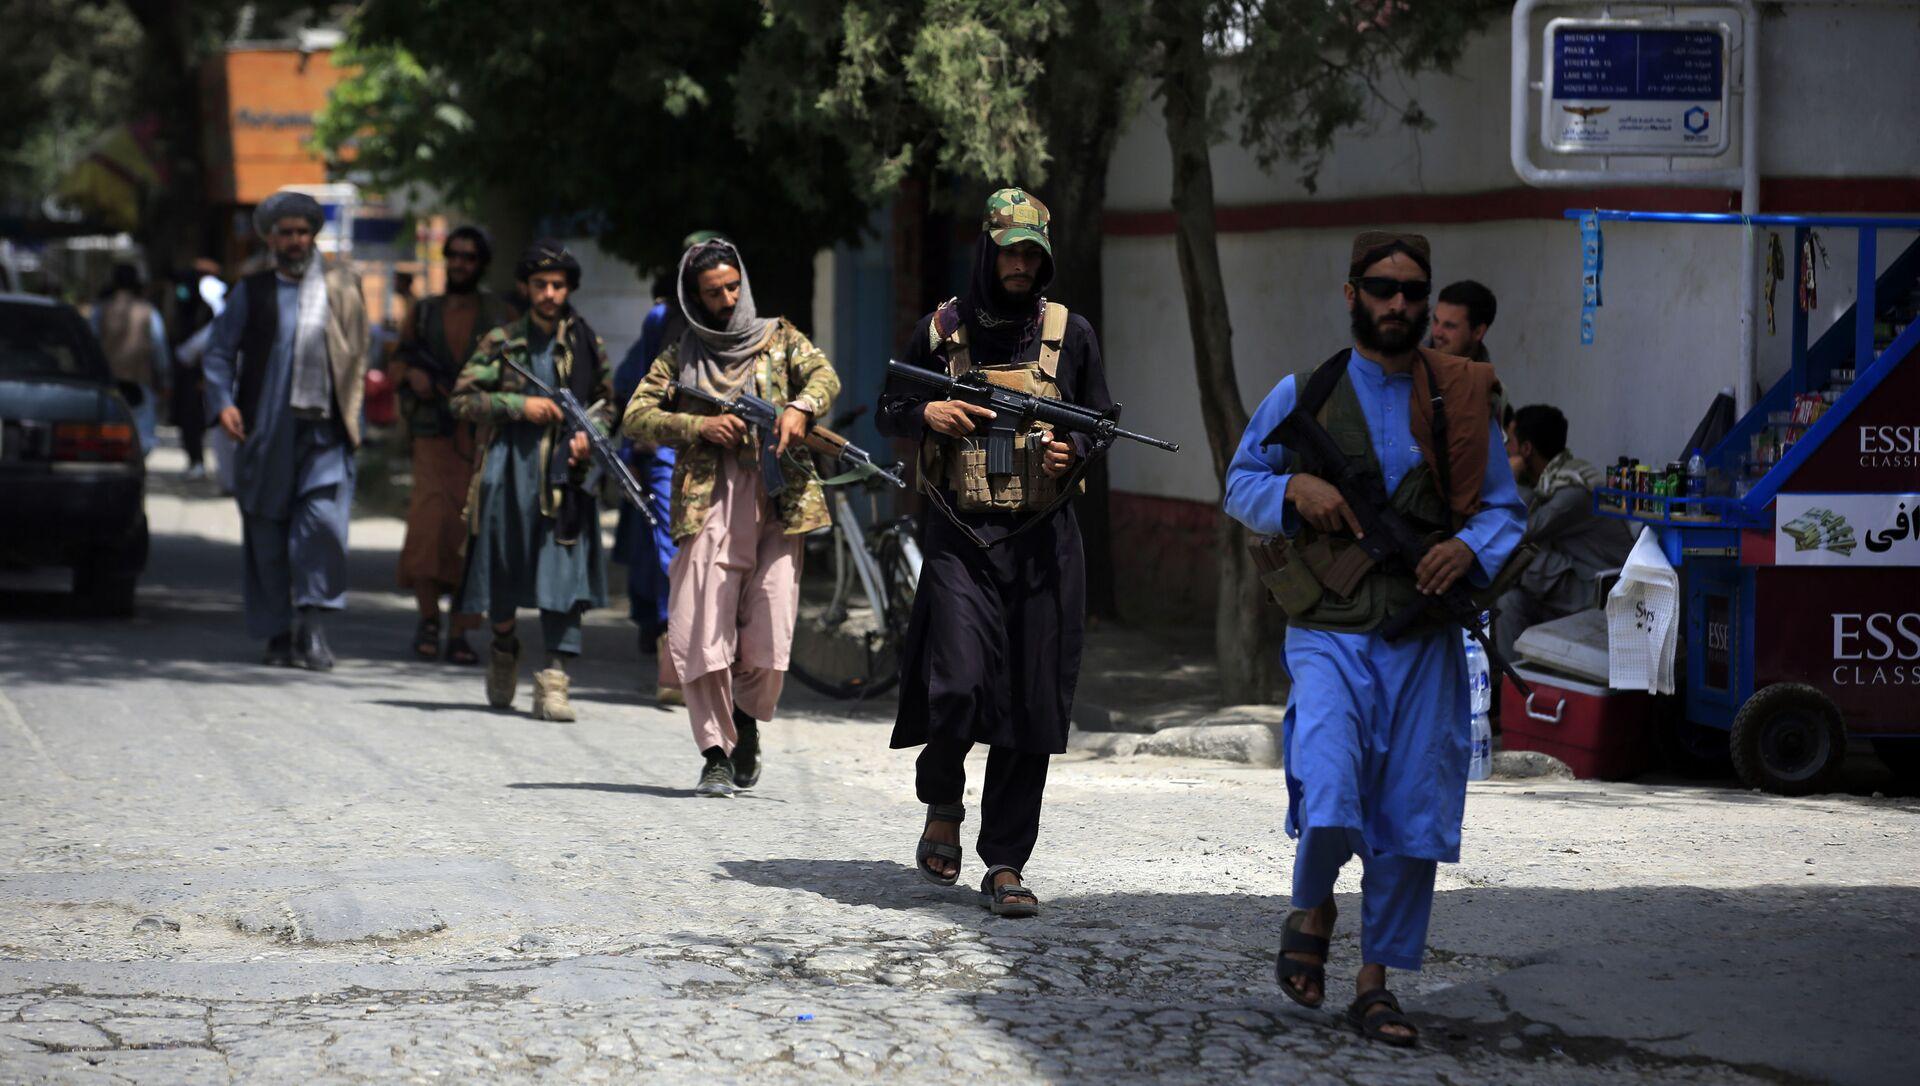 Боевики движения Талибан (террористическая группировка, запрещеннфая в РФ) в Кабуле, 18 авгутса 2021 года - Sputnik Azərbaycan, 1920, 07.09.2021